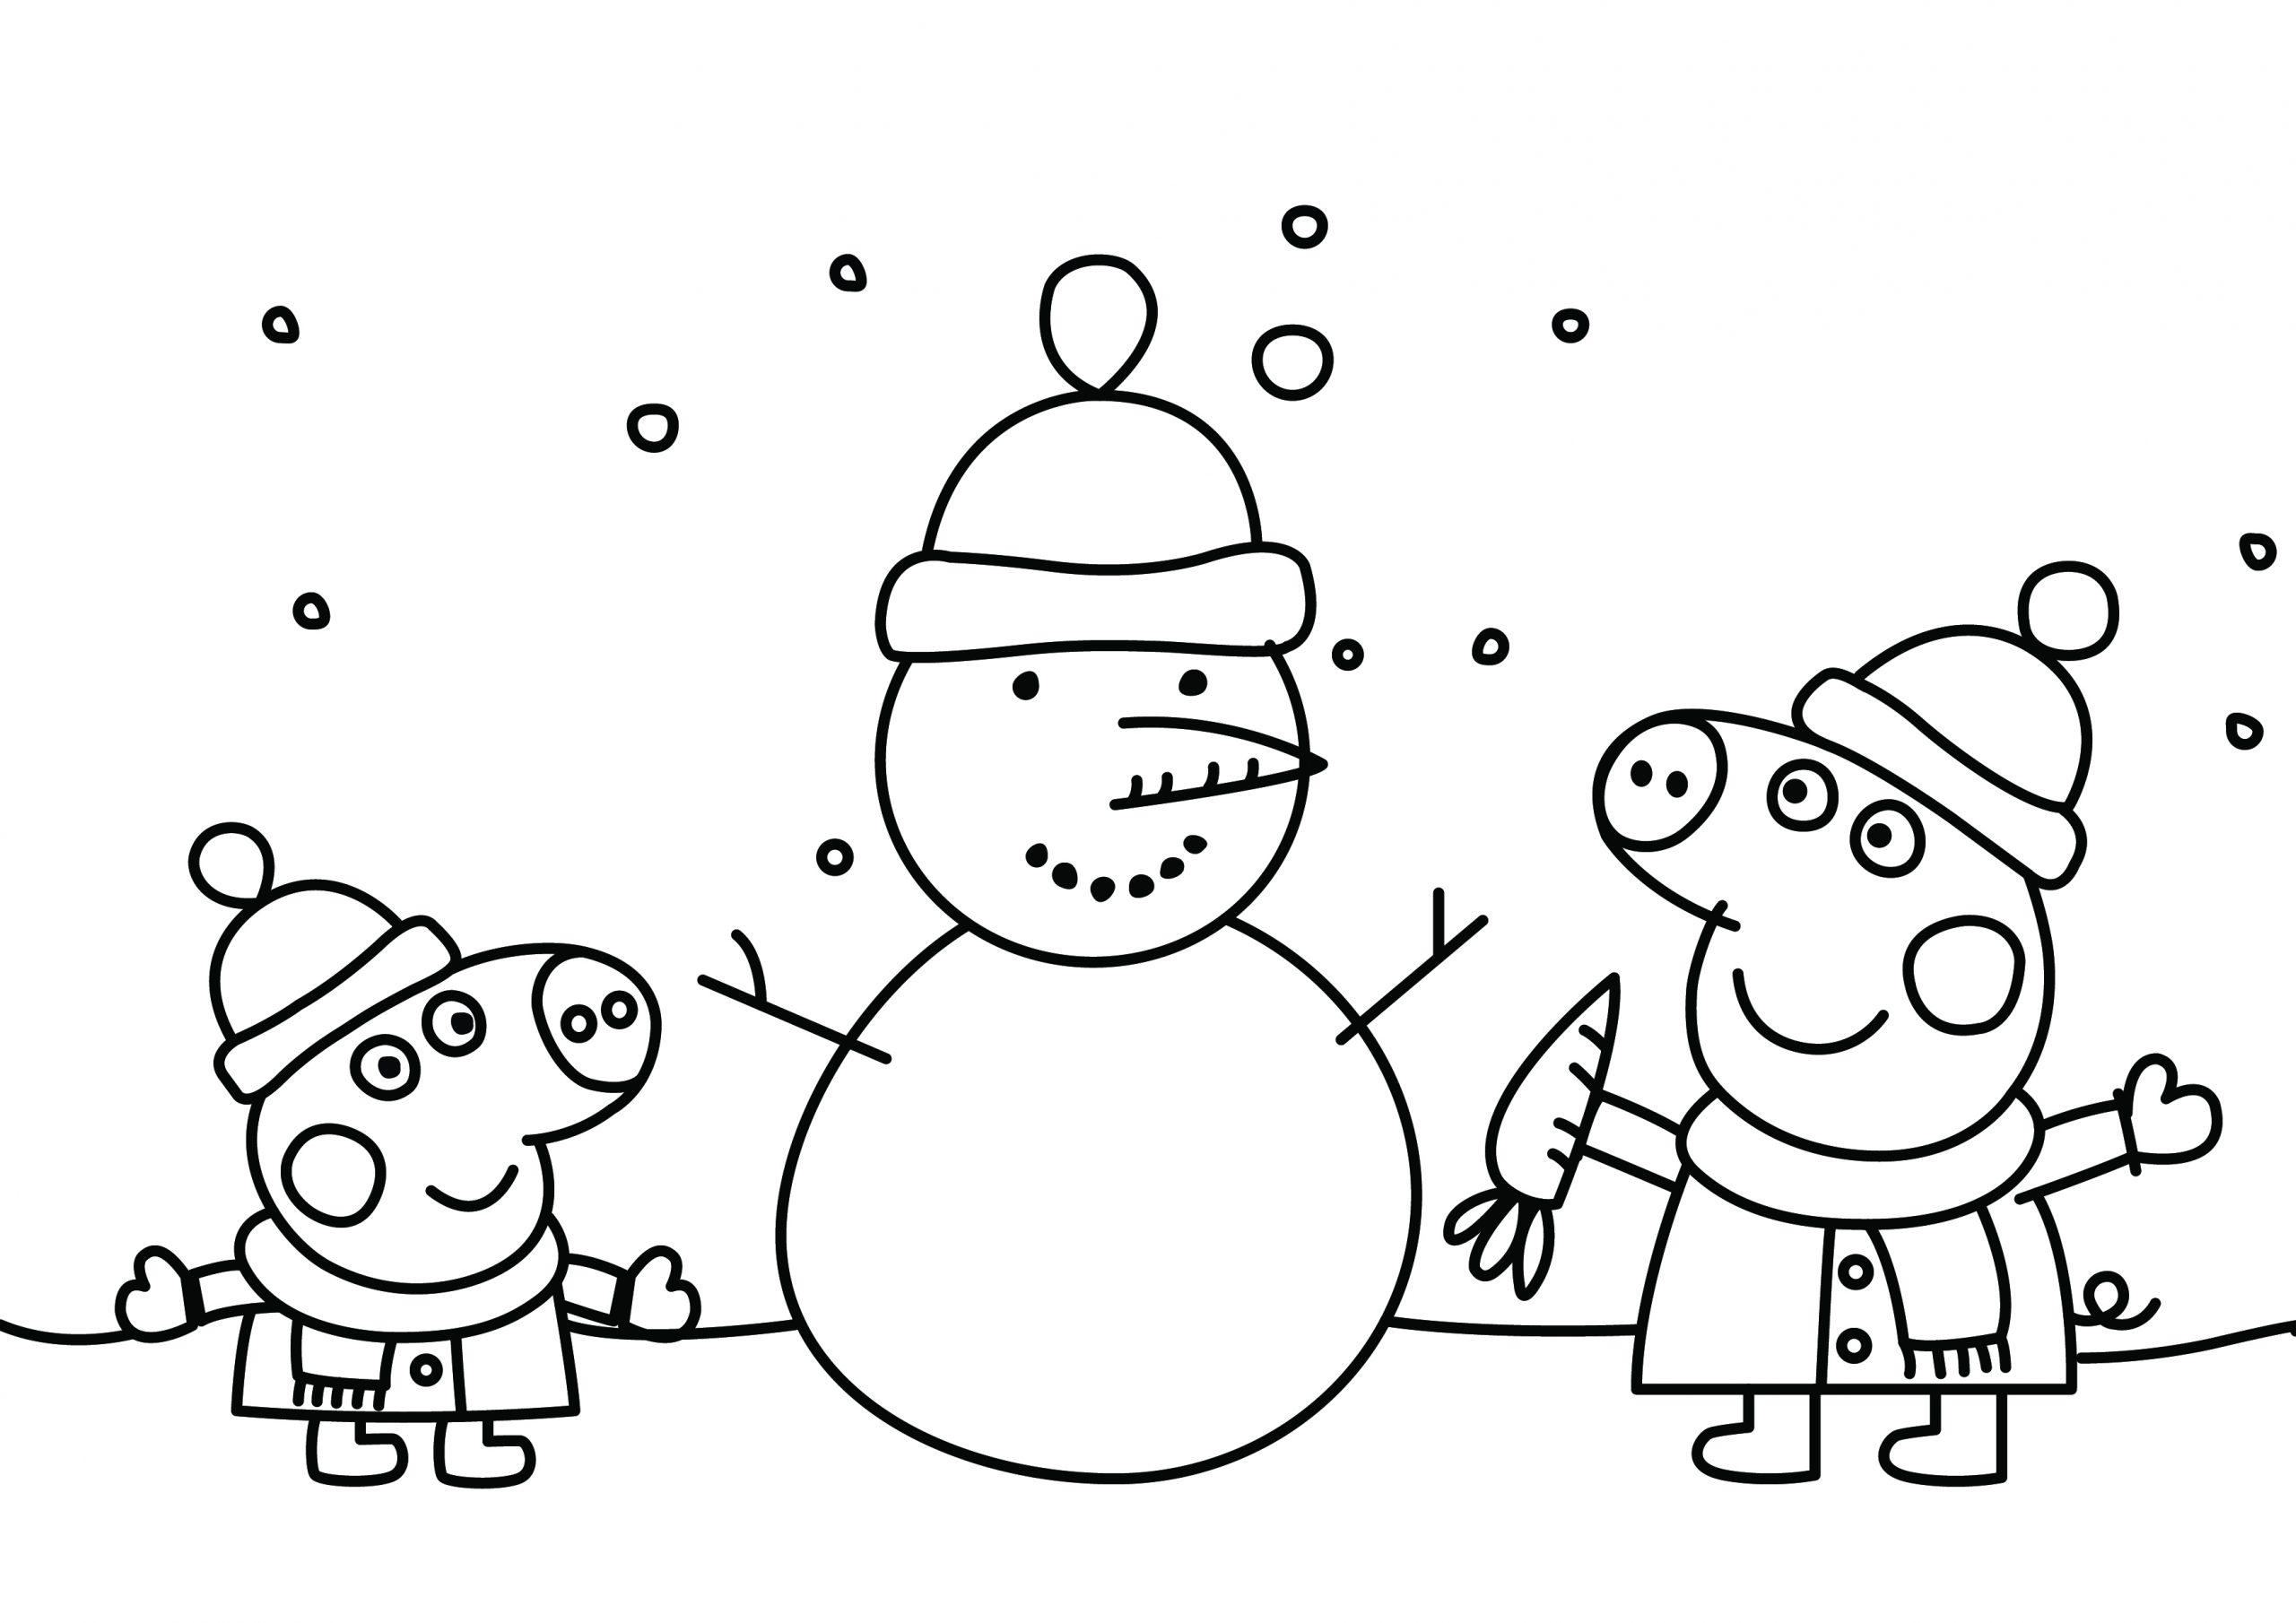 - Peppa Pig Christmas Snowman Printable Colouring Page - DRAKL